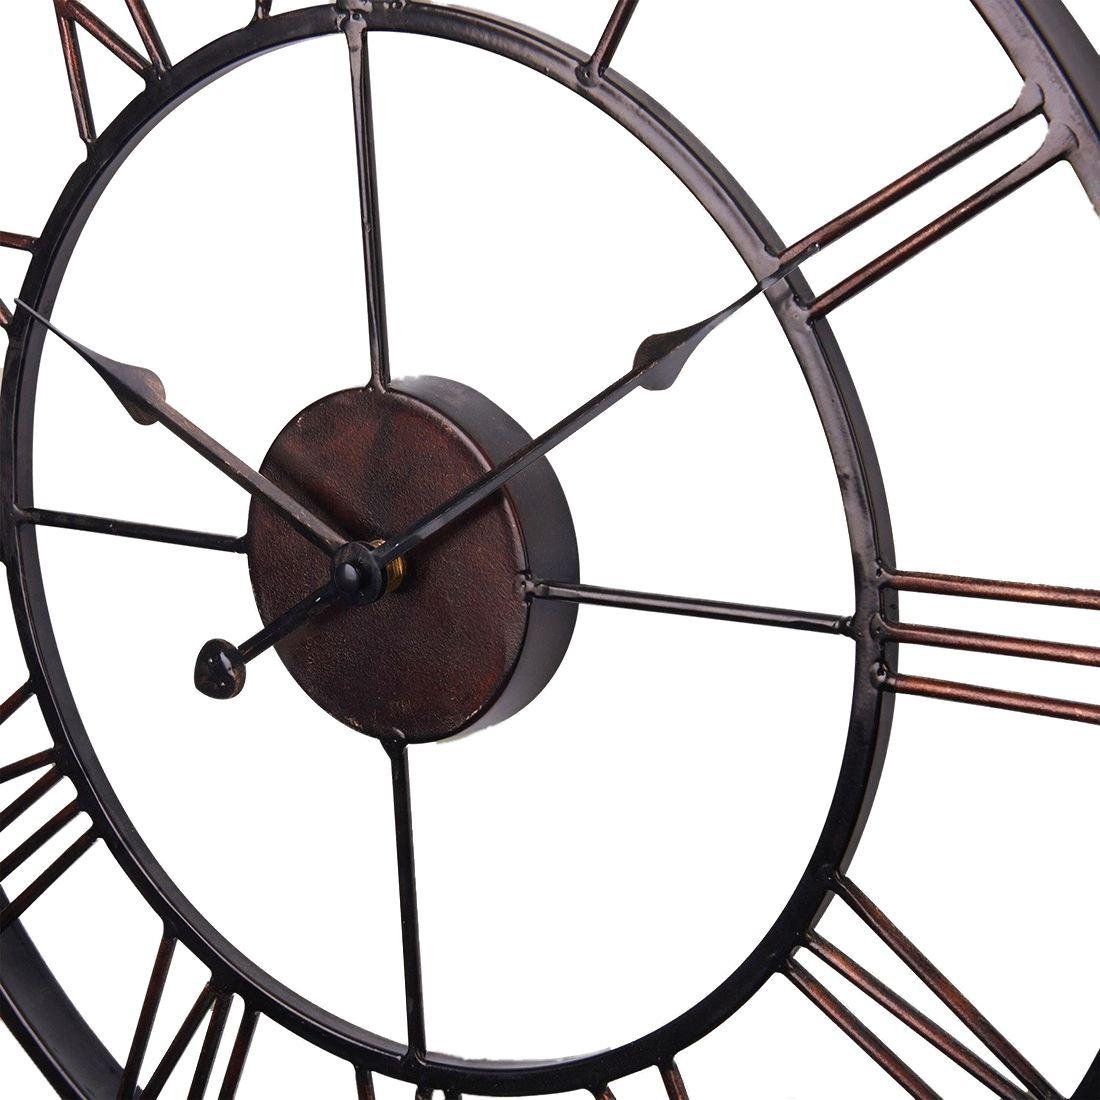 Горячая продажа очень большие винтажные стильные массивные металлические настенные часы в стиле кантри шоколадный цвет-in Настенные часы from Дом и животные on AliExpress - 11.11_Double 11_Singles' Day